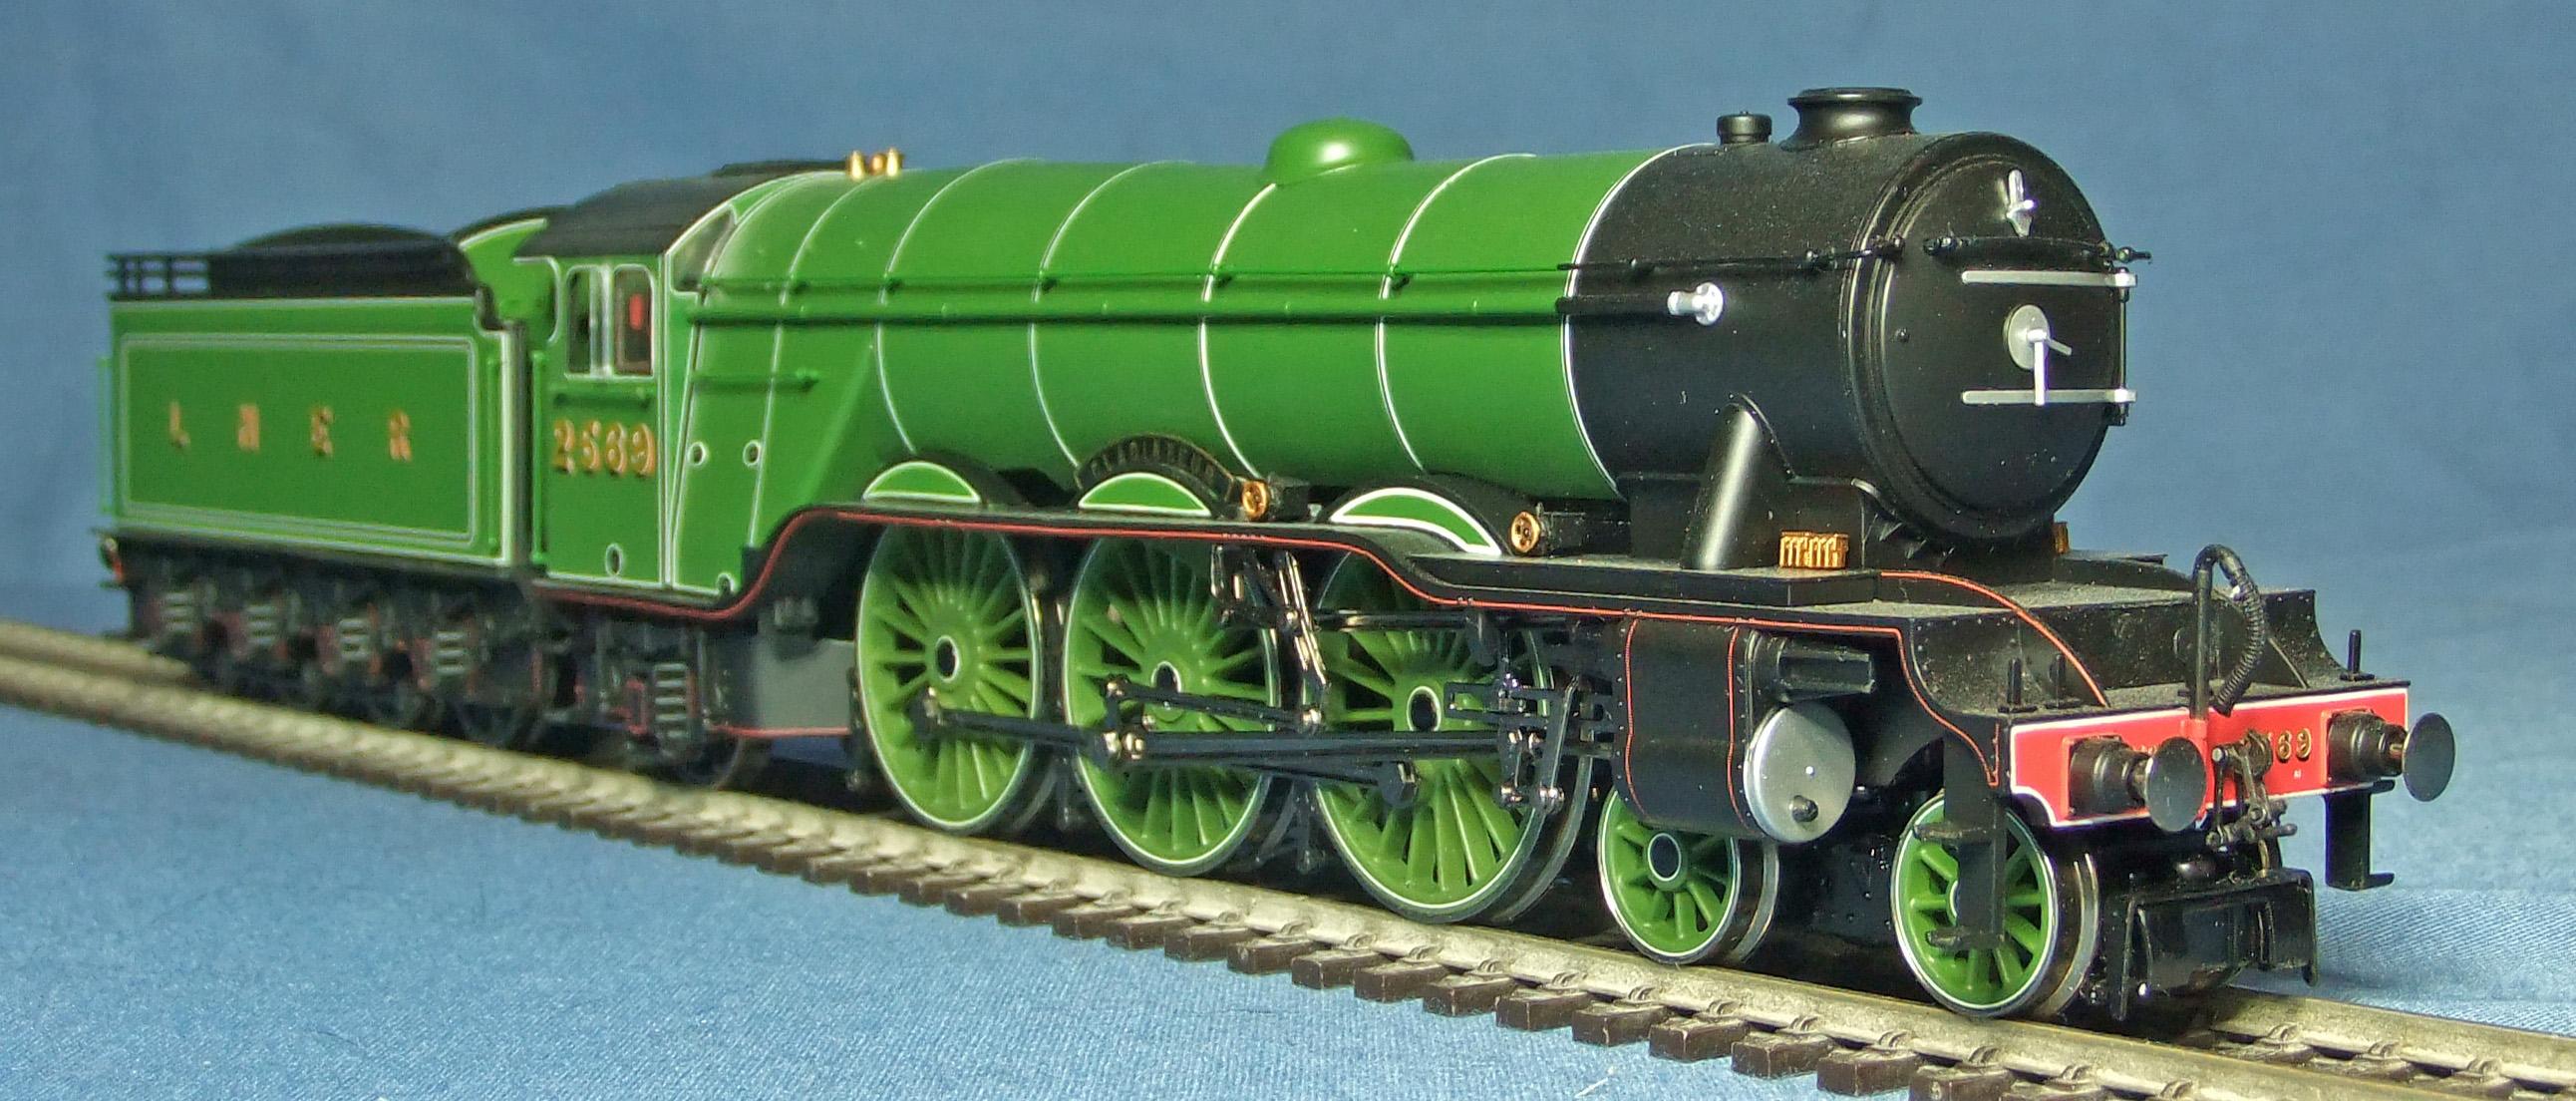 LNER2569-FR-s40